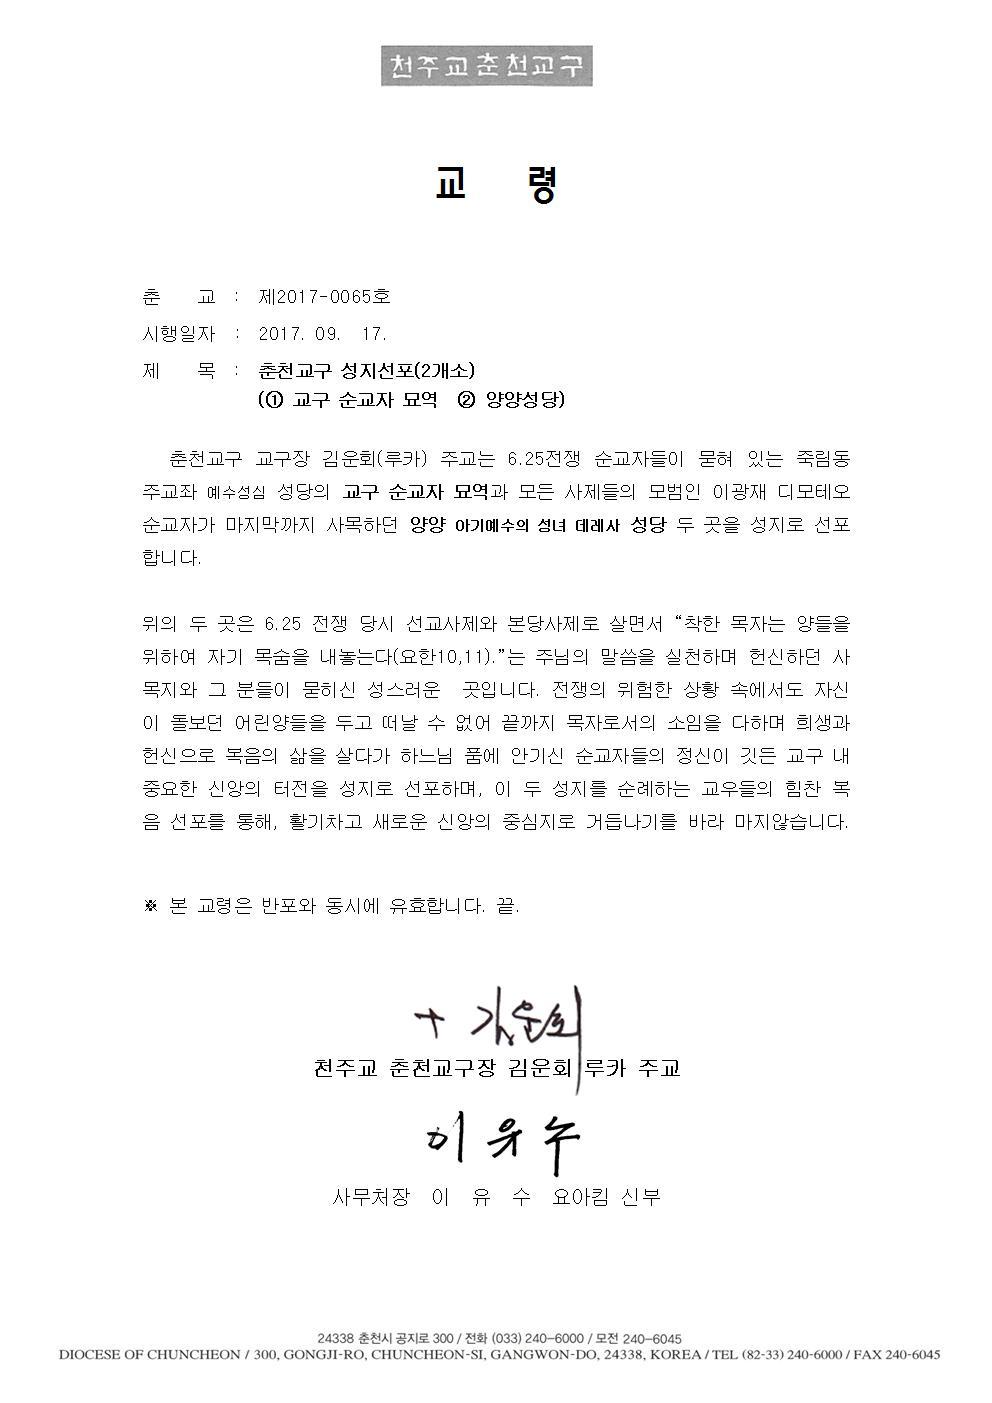 춘교 17-0065호 (교령) 춘천교구 성지선포(1. 교구성직자묘역, 2.양양성당)001.jpg